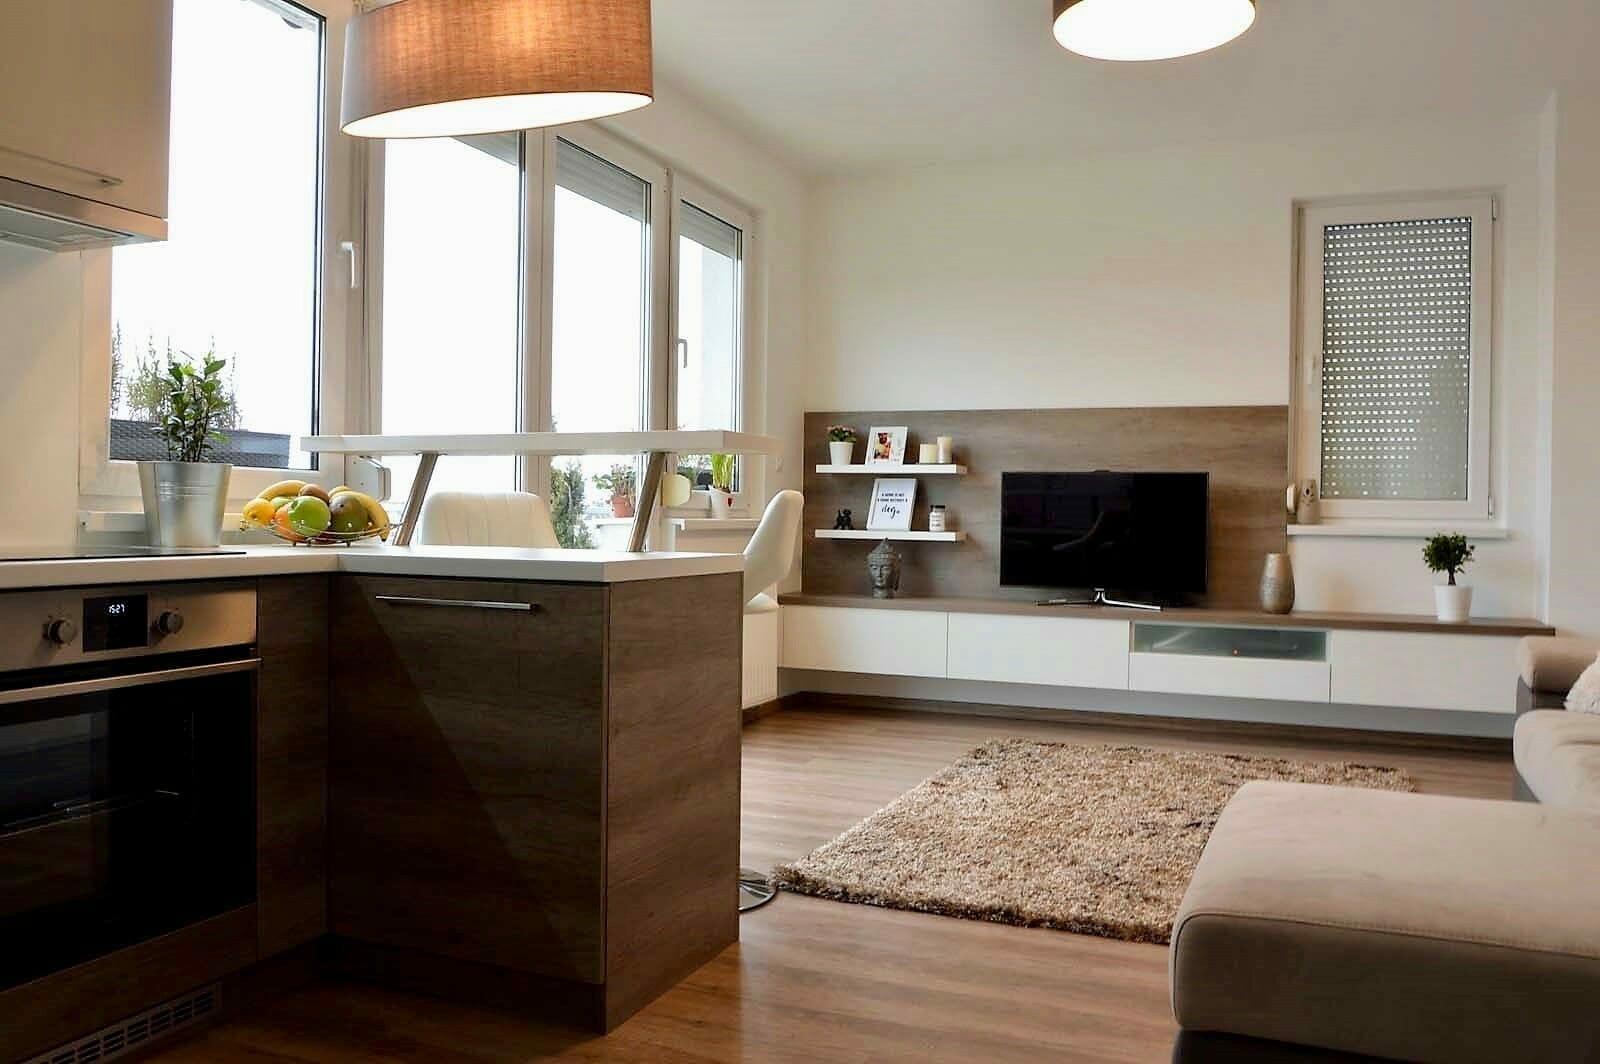 Egyedi-nappali-bútor-készítés-lebegő-kivitelbe-fiókokkal-konyhabútorral-egy-légtérbe-modern-letisztult-kivitelbe